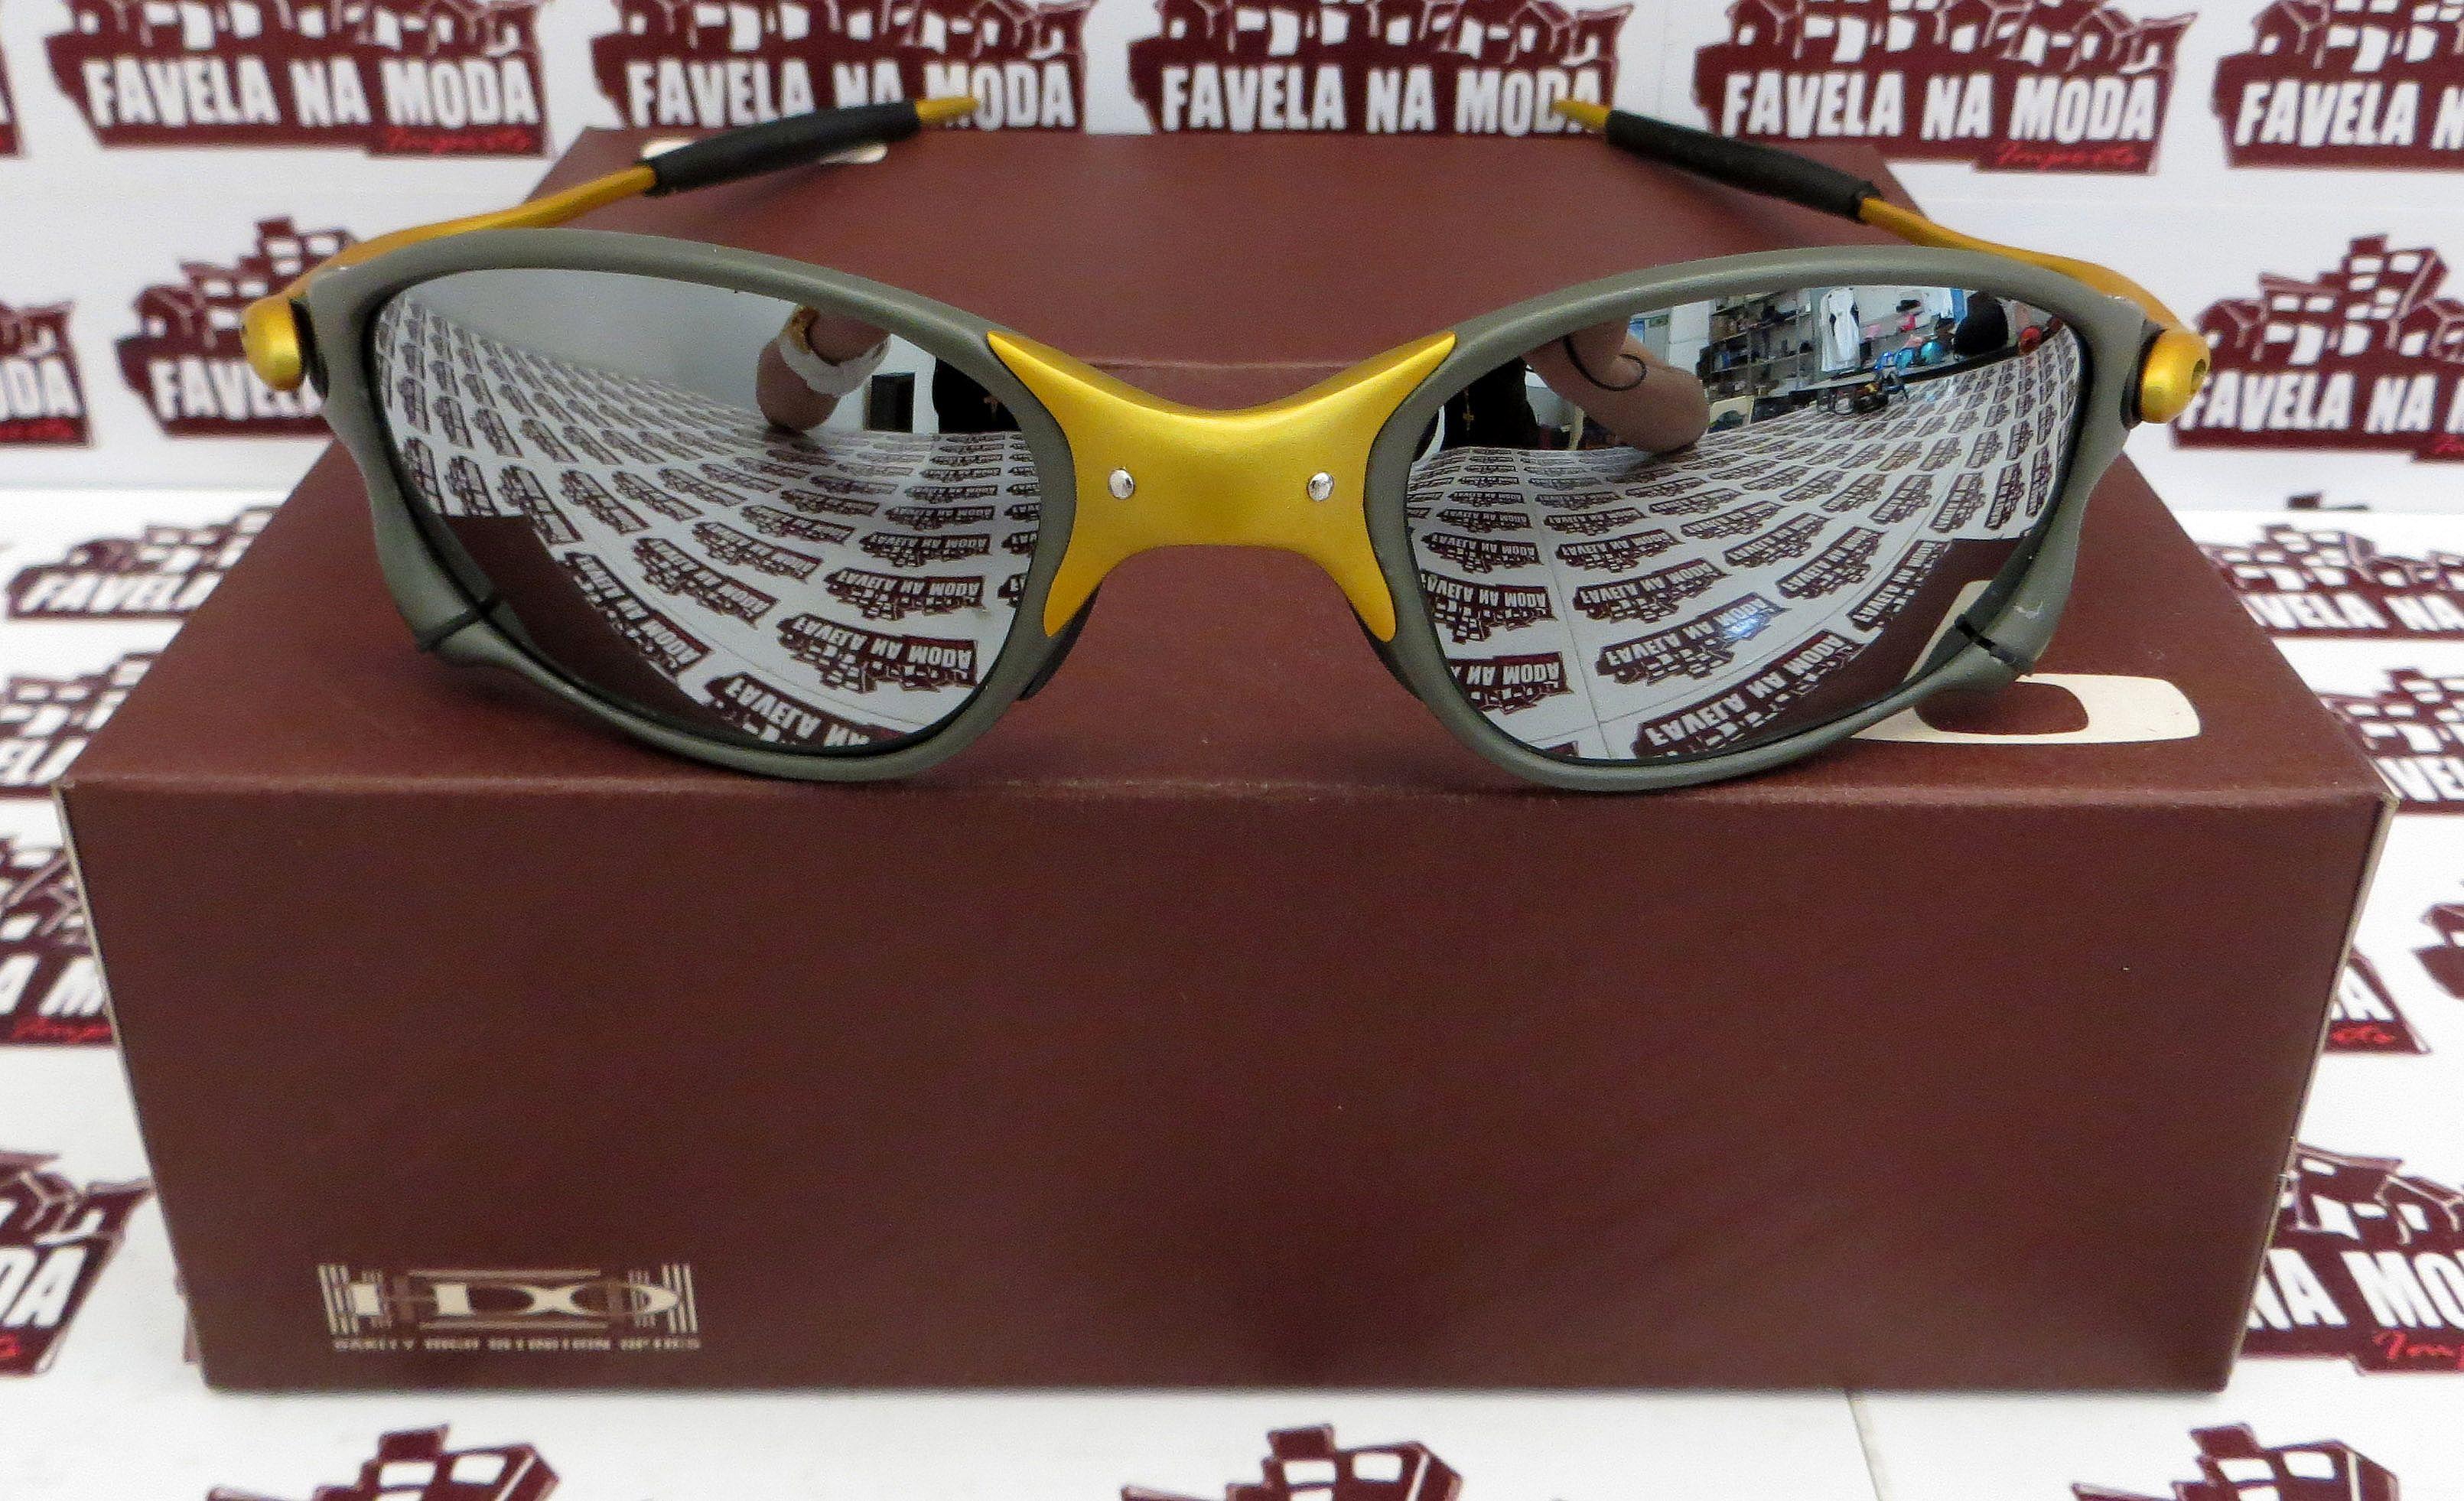 996a57b167fe7 Óculos Oakley Double xx - 24k   Liquid Metal   Borrachas Pretas